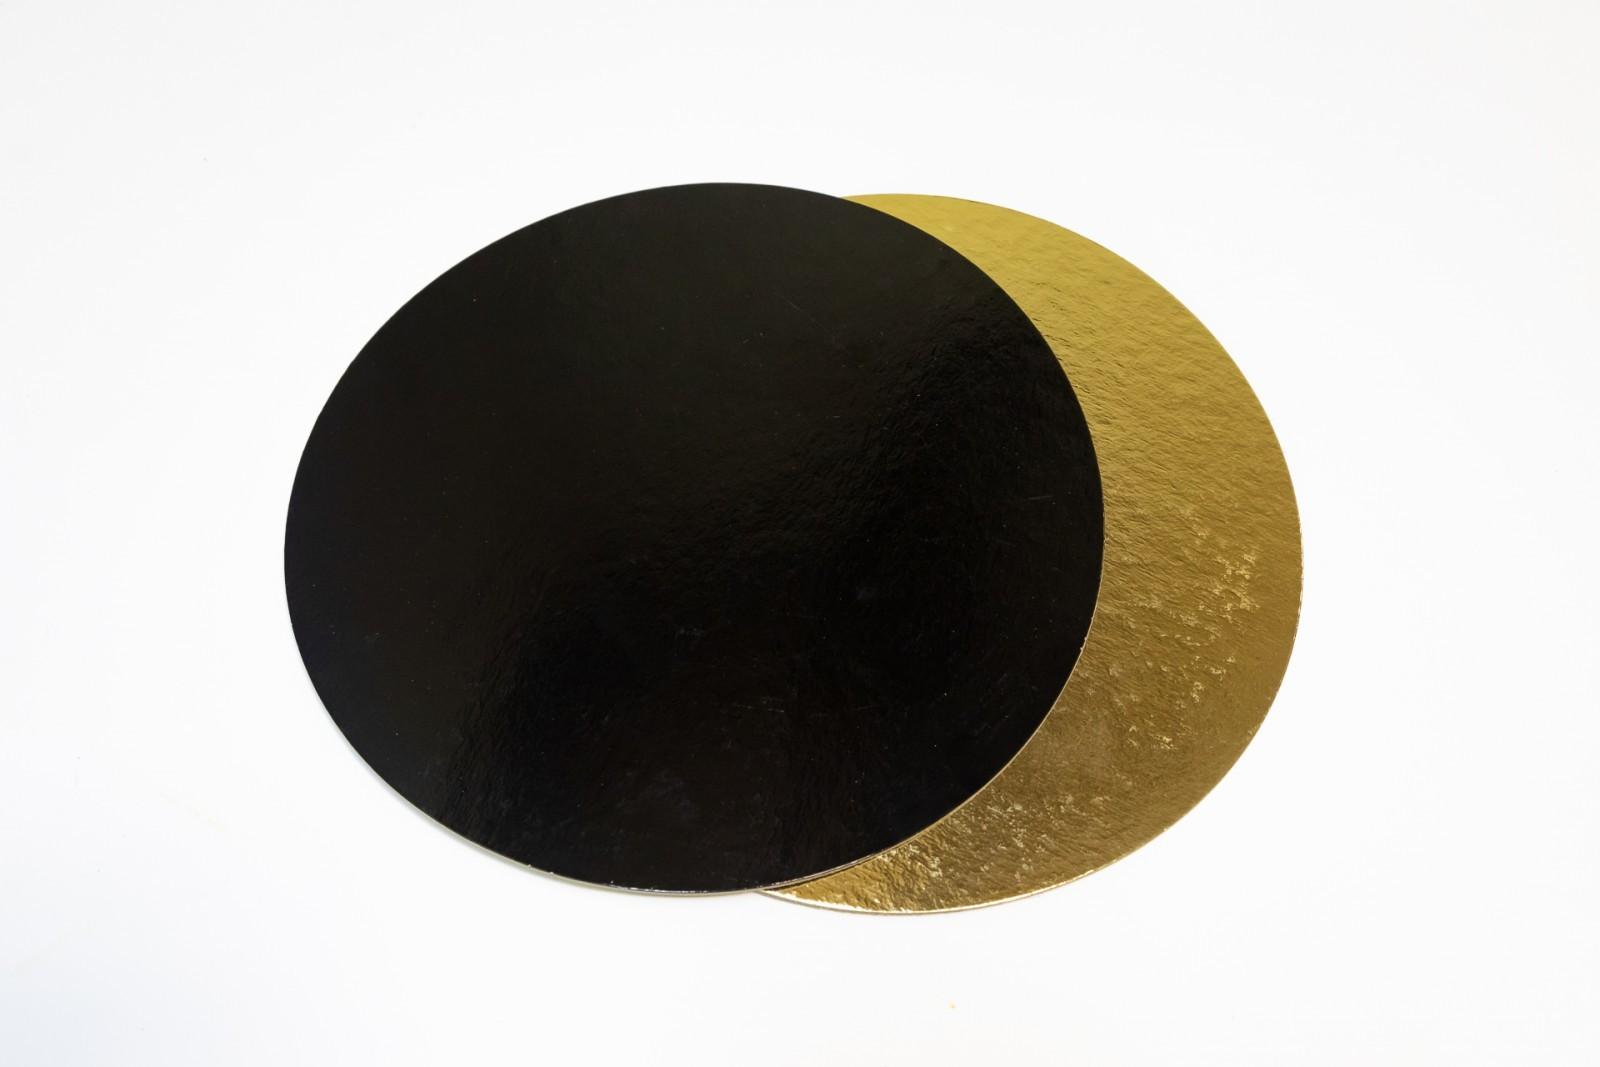 Подложка усиленная двухсторонняя, 3 мм (золото/чёрный), диаметр 24 см